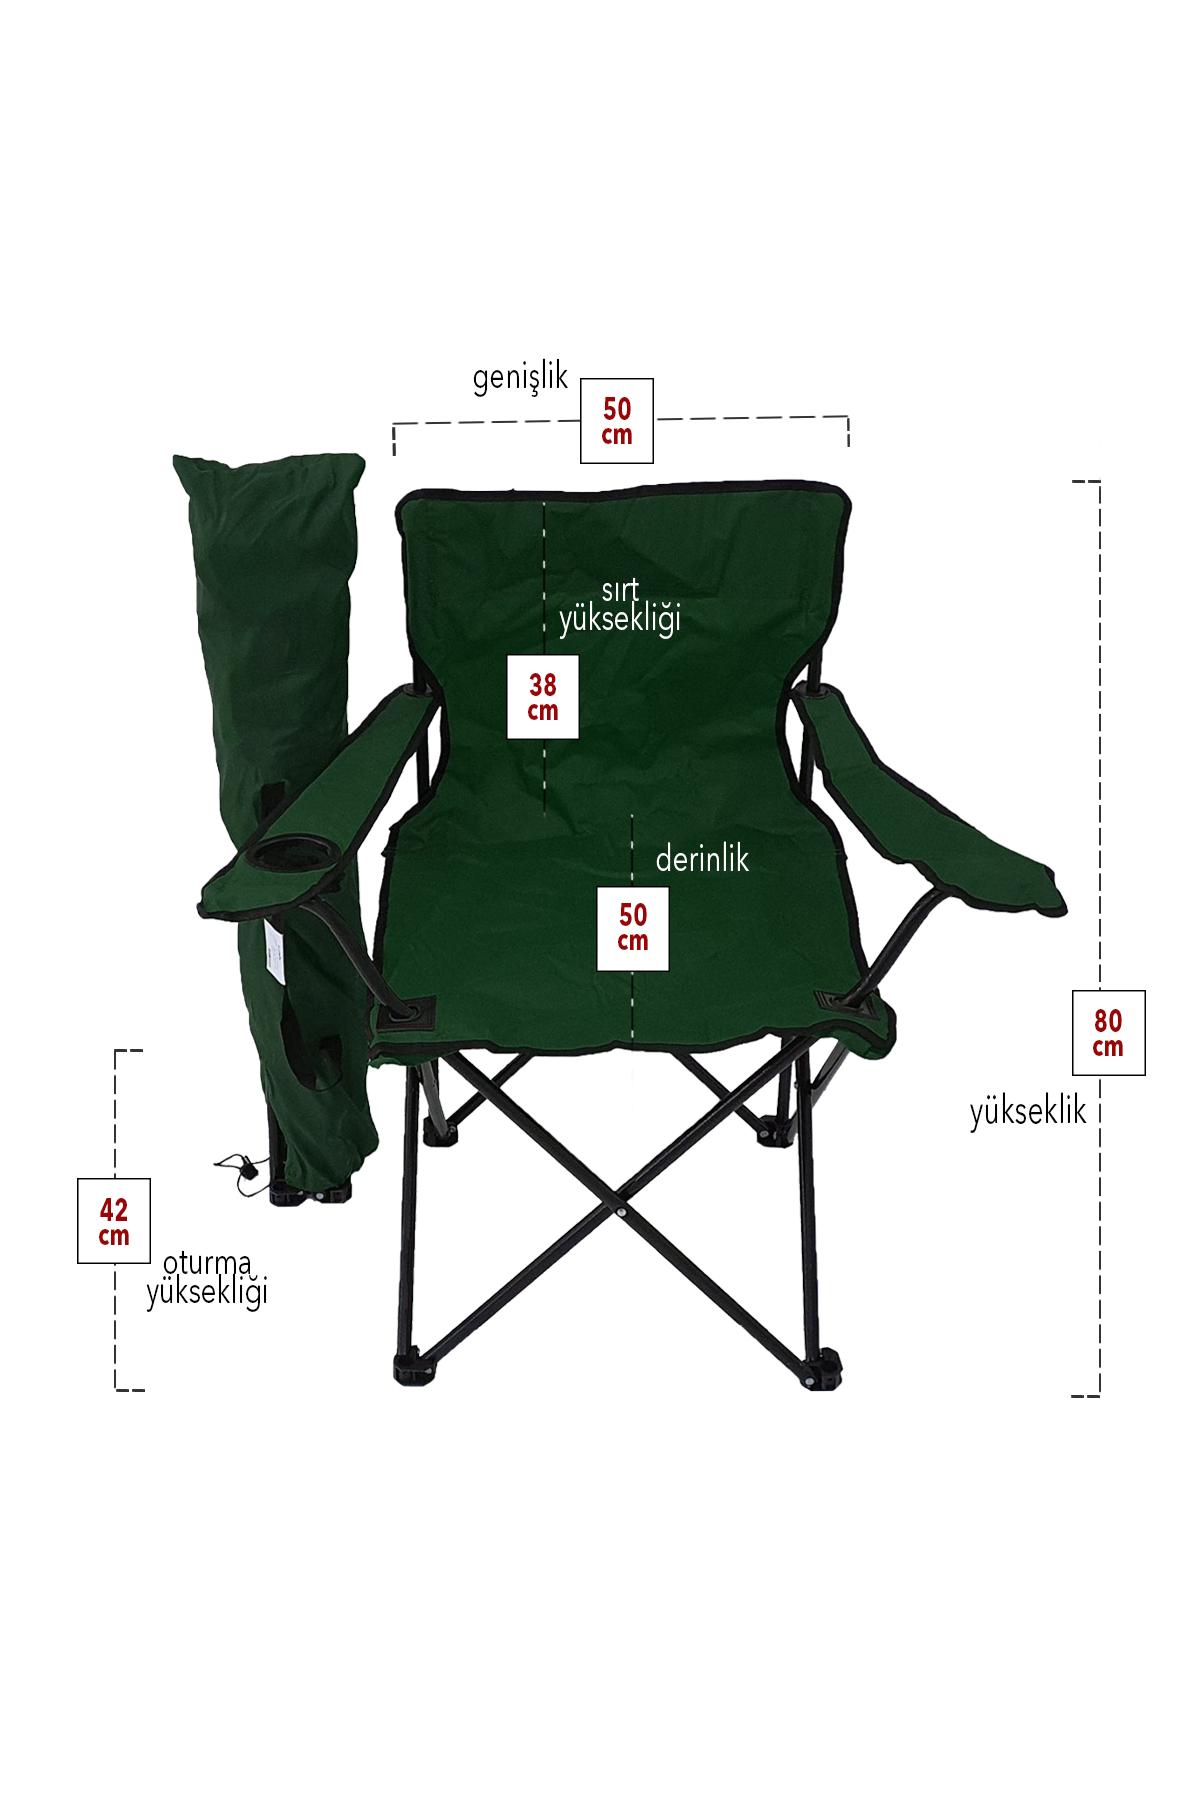 Bofigo 2'li Kamp Sandalyesi Piknik Sandalyesi Katlanır Sandalye Taşıma Çantalı Kamp Sandalyesi Yeşil